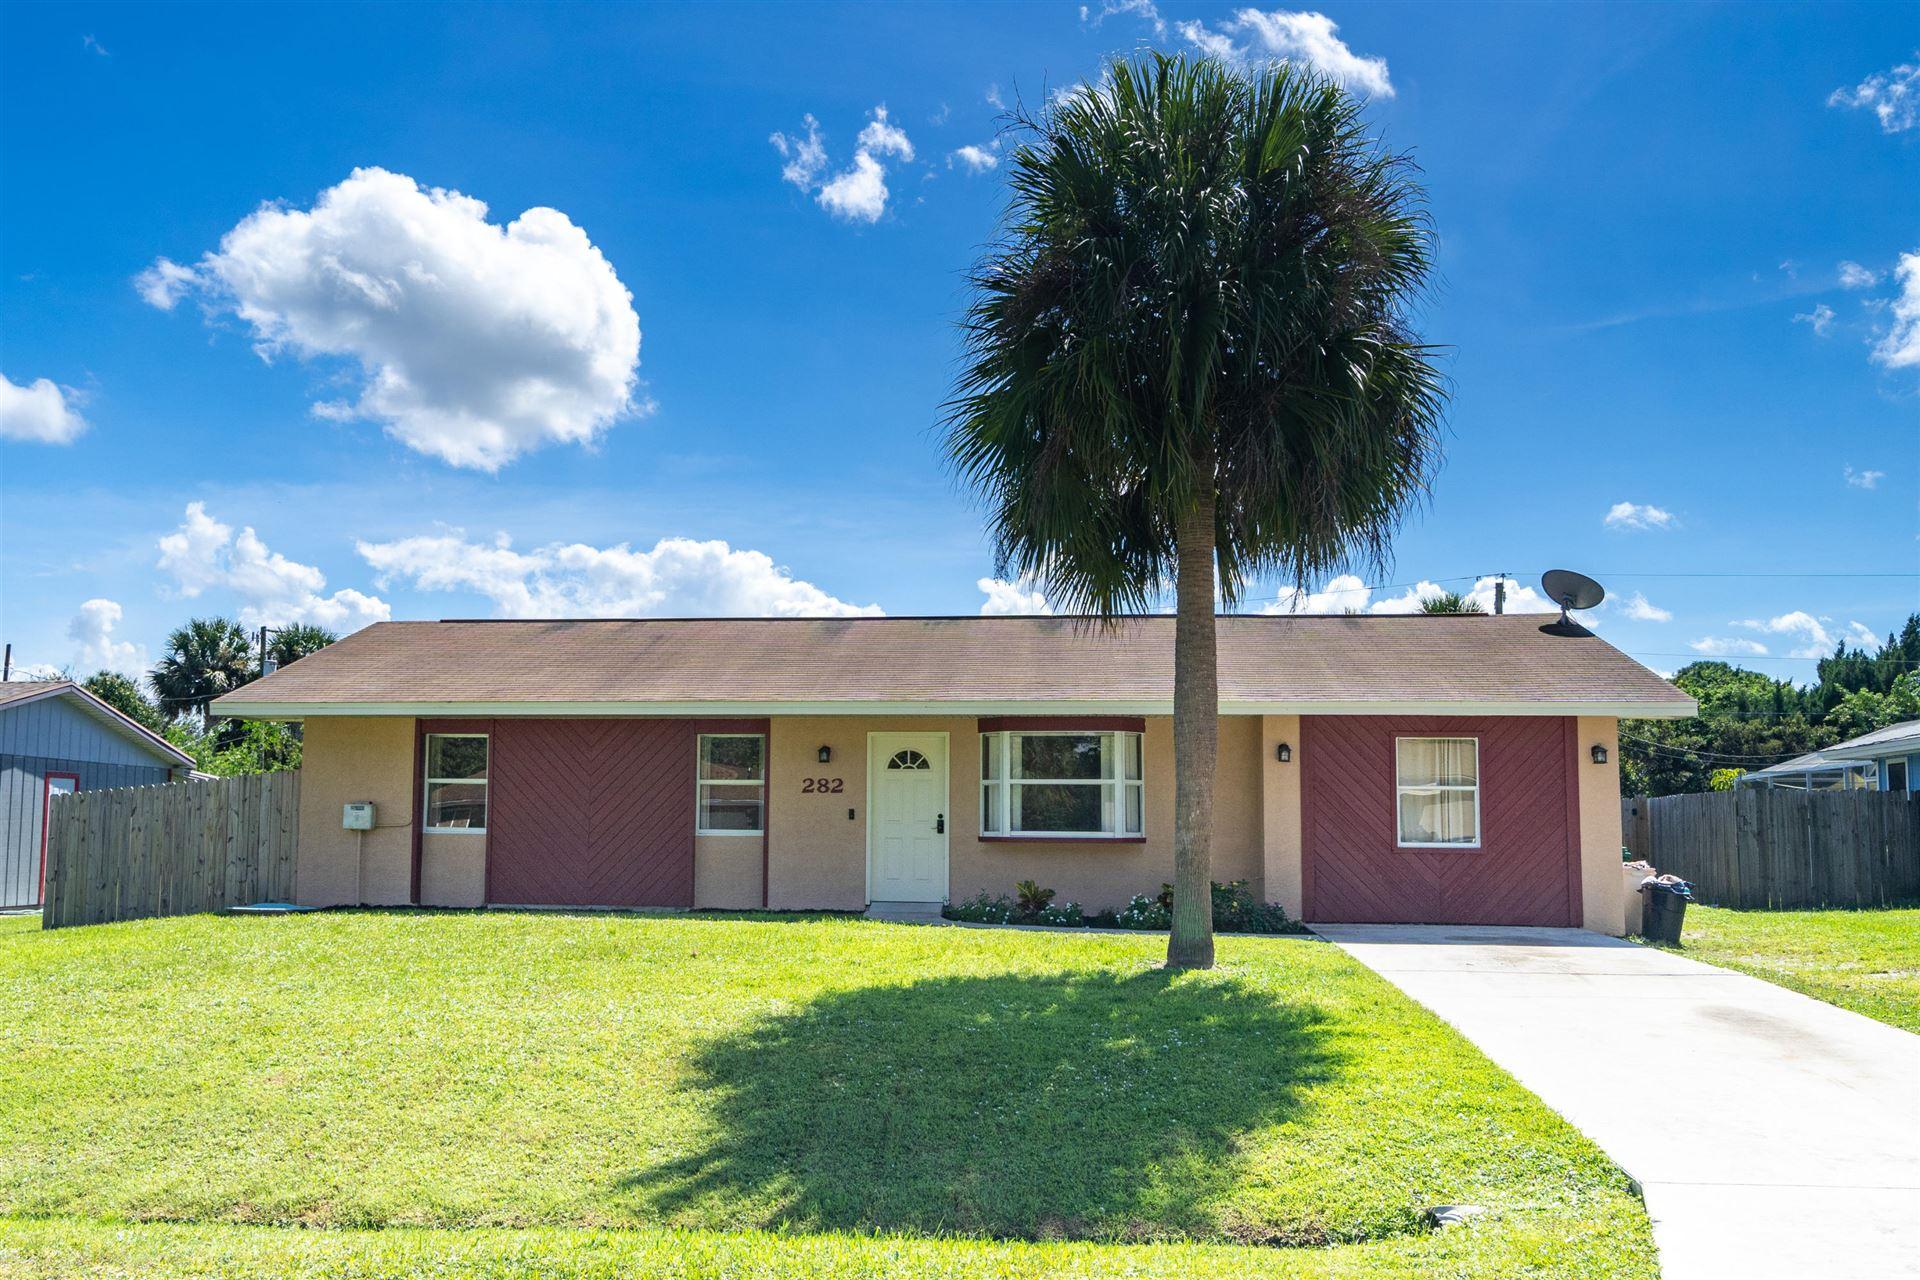 282 SE Grove Avenue, Port Saint Lucie, FL 34983 - #: RX-10663479